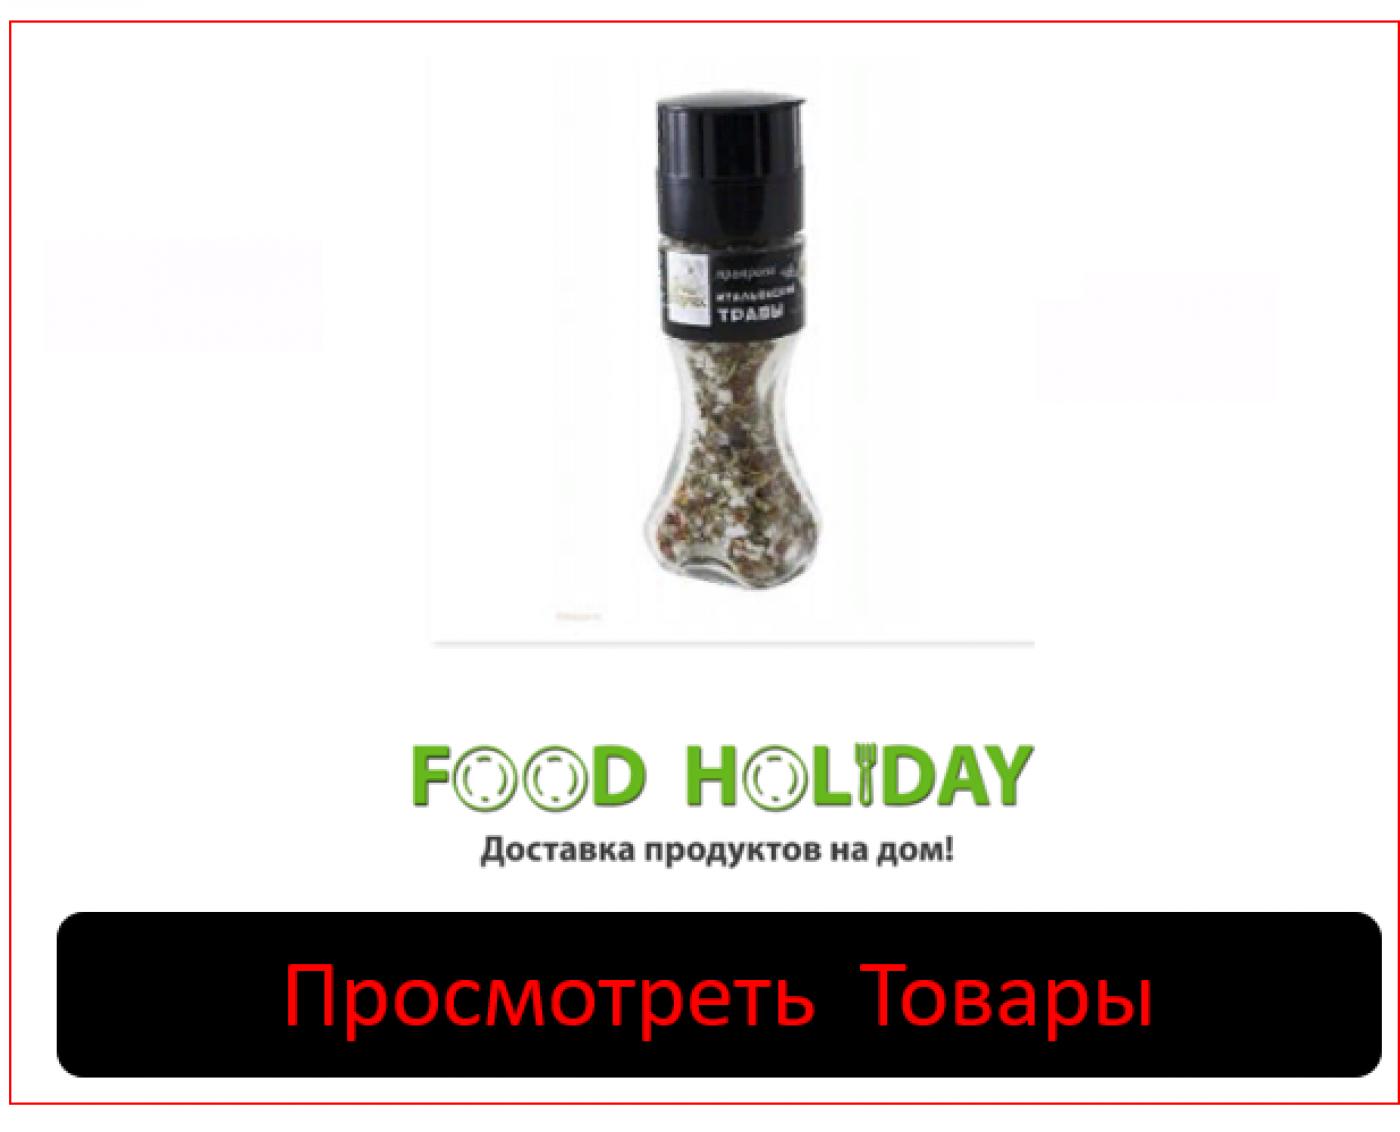 ПРИПРАВЫ И СПЕЦИИ Купить Оптом в Москве санки Петербурге поставки по всей России